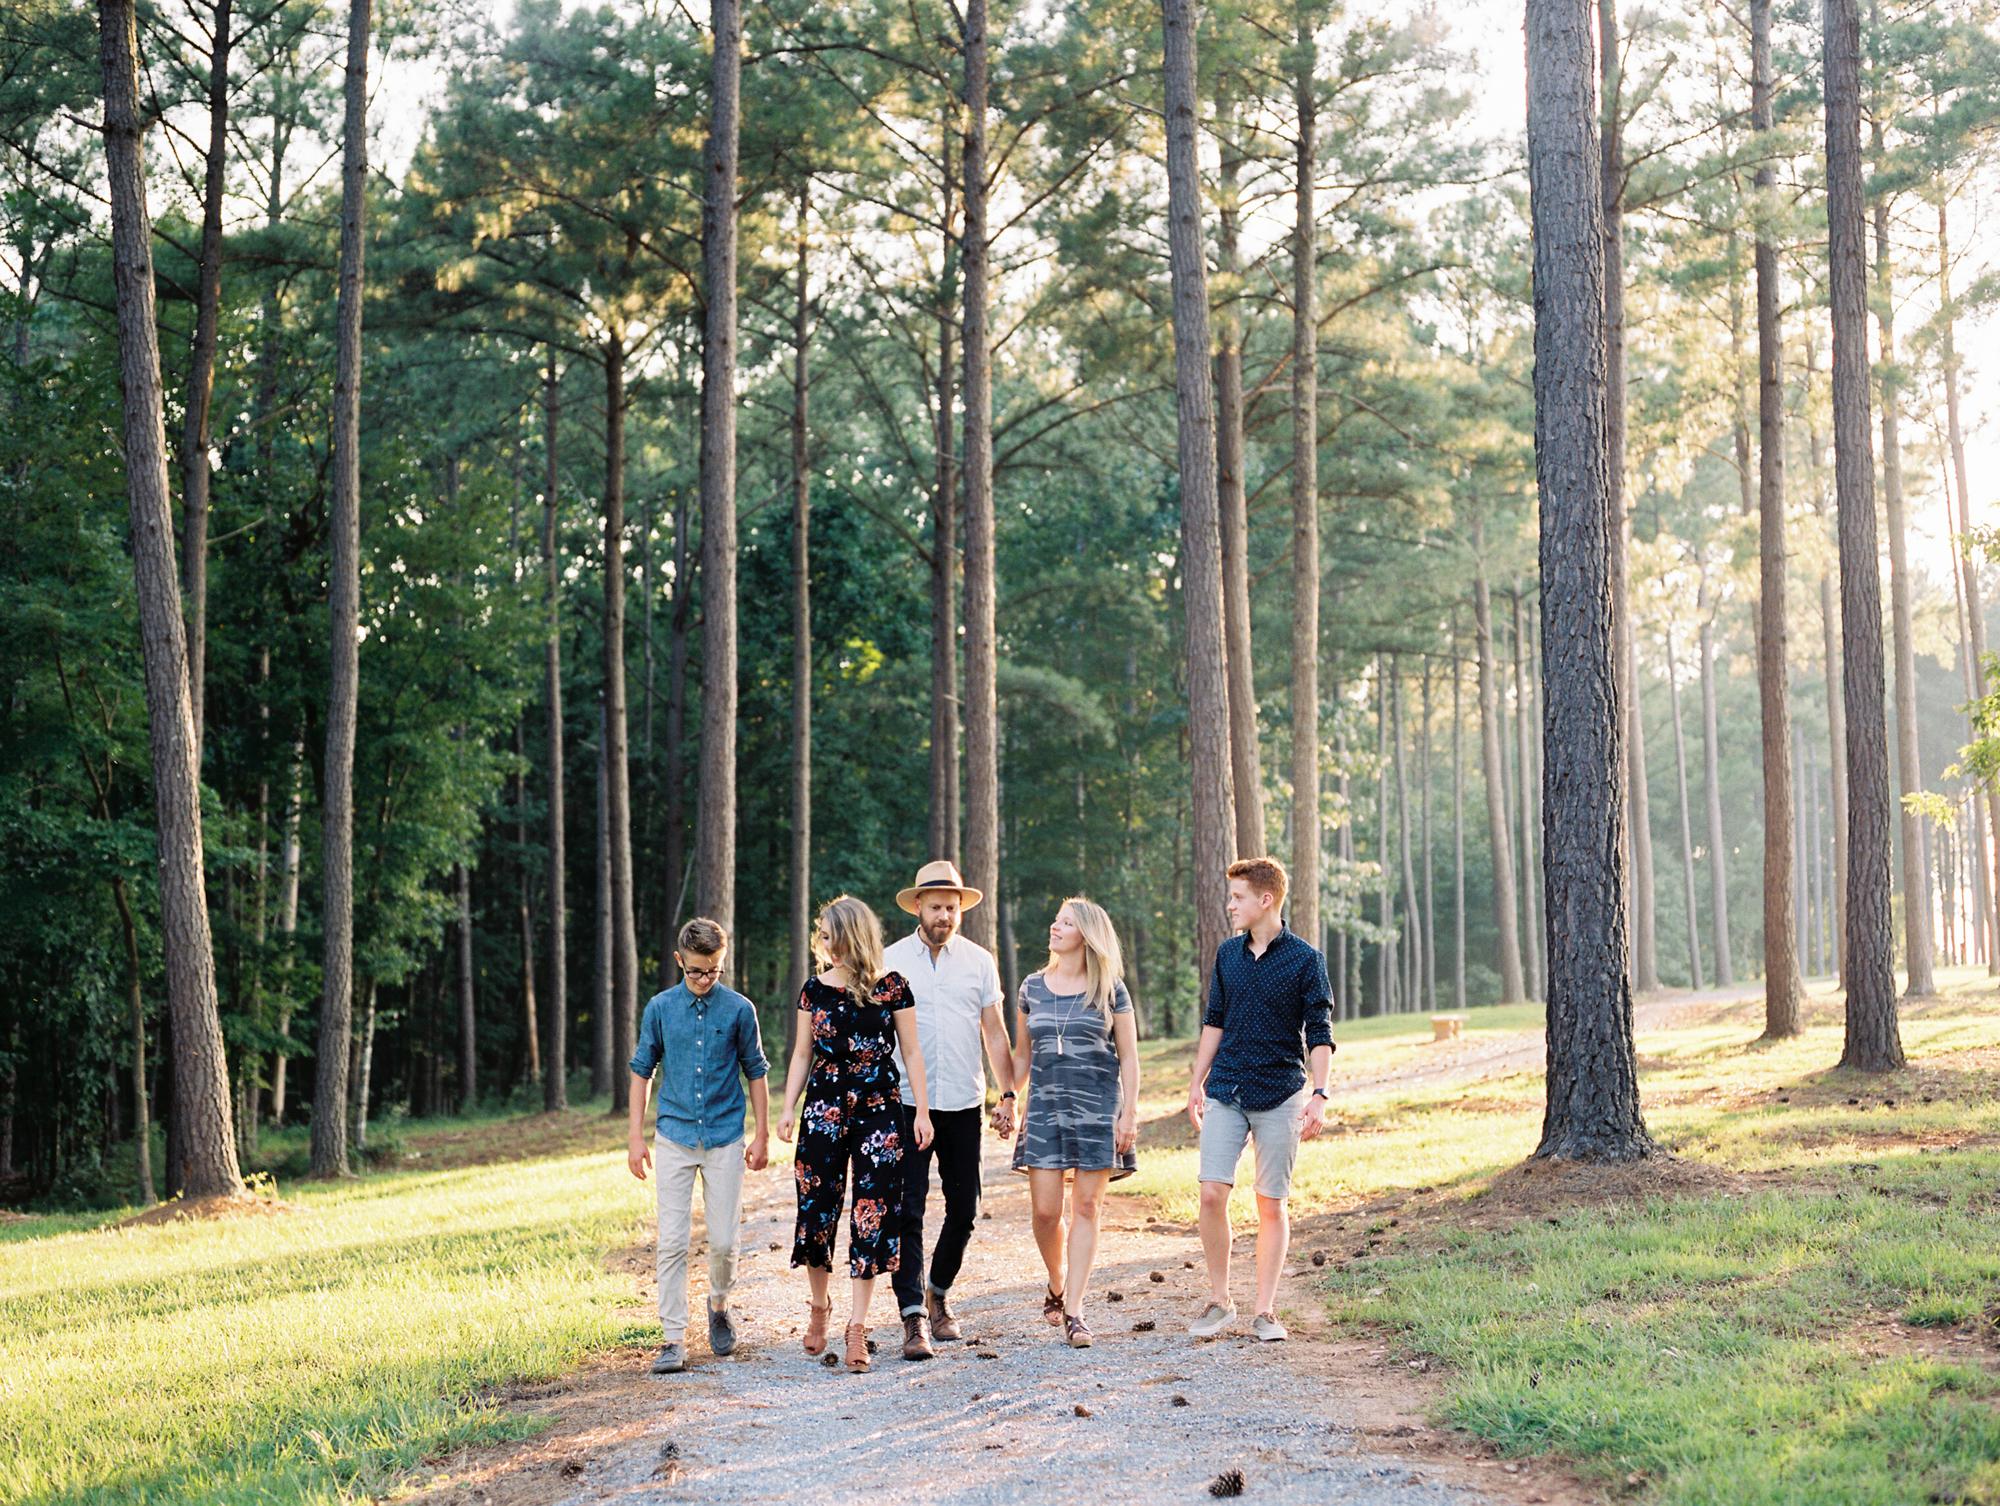 sierra-vista-family-session-charlotte-best-photographer-wedding-family-10.jpg